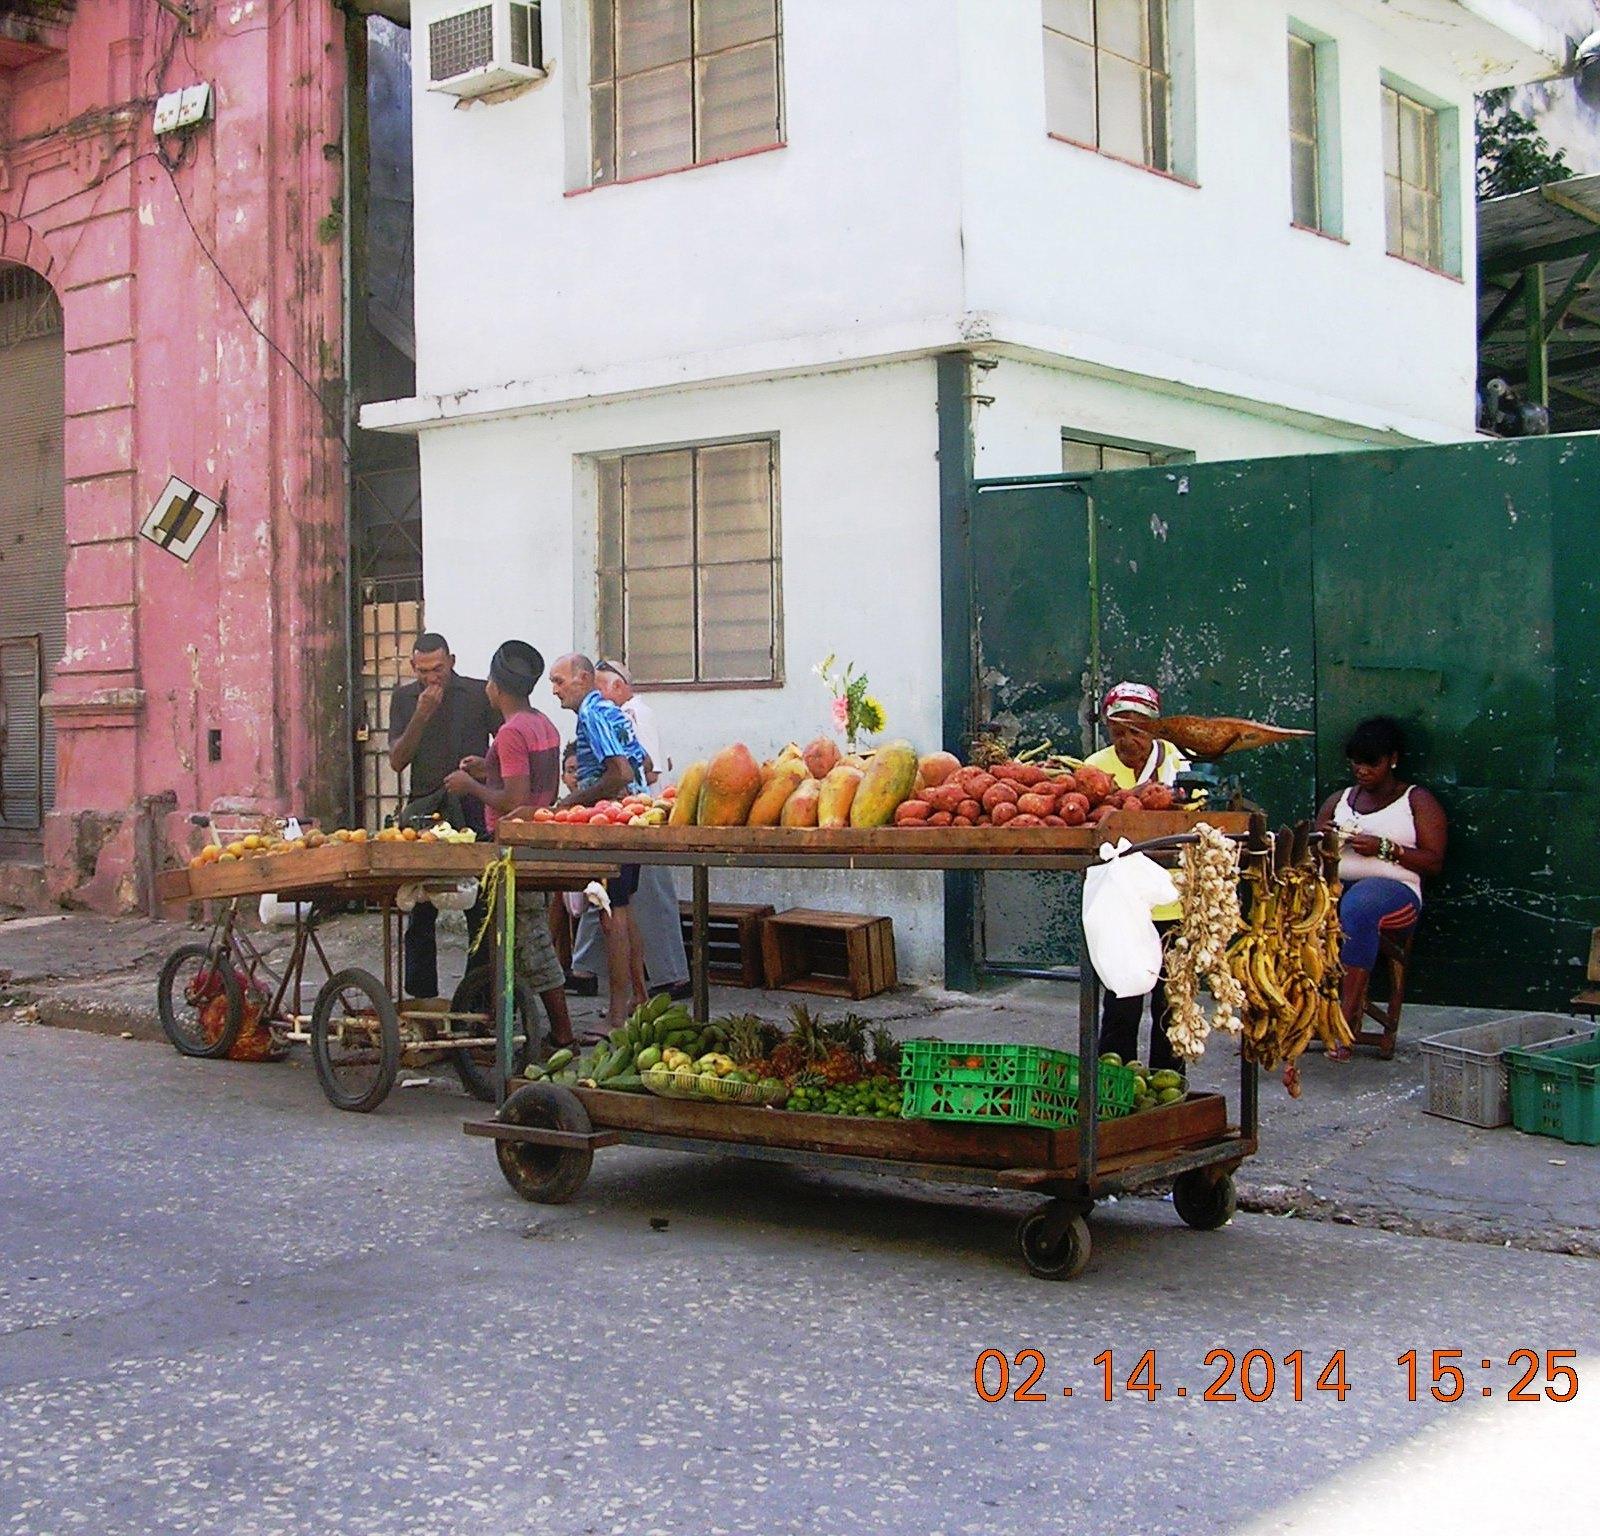 Cuba Mar 2014 060